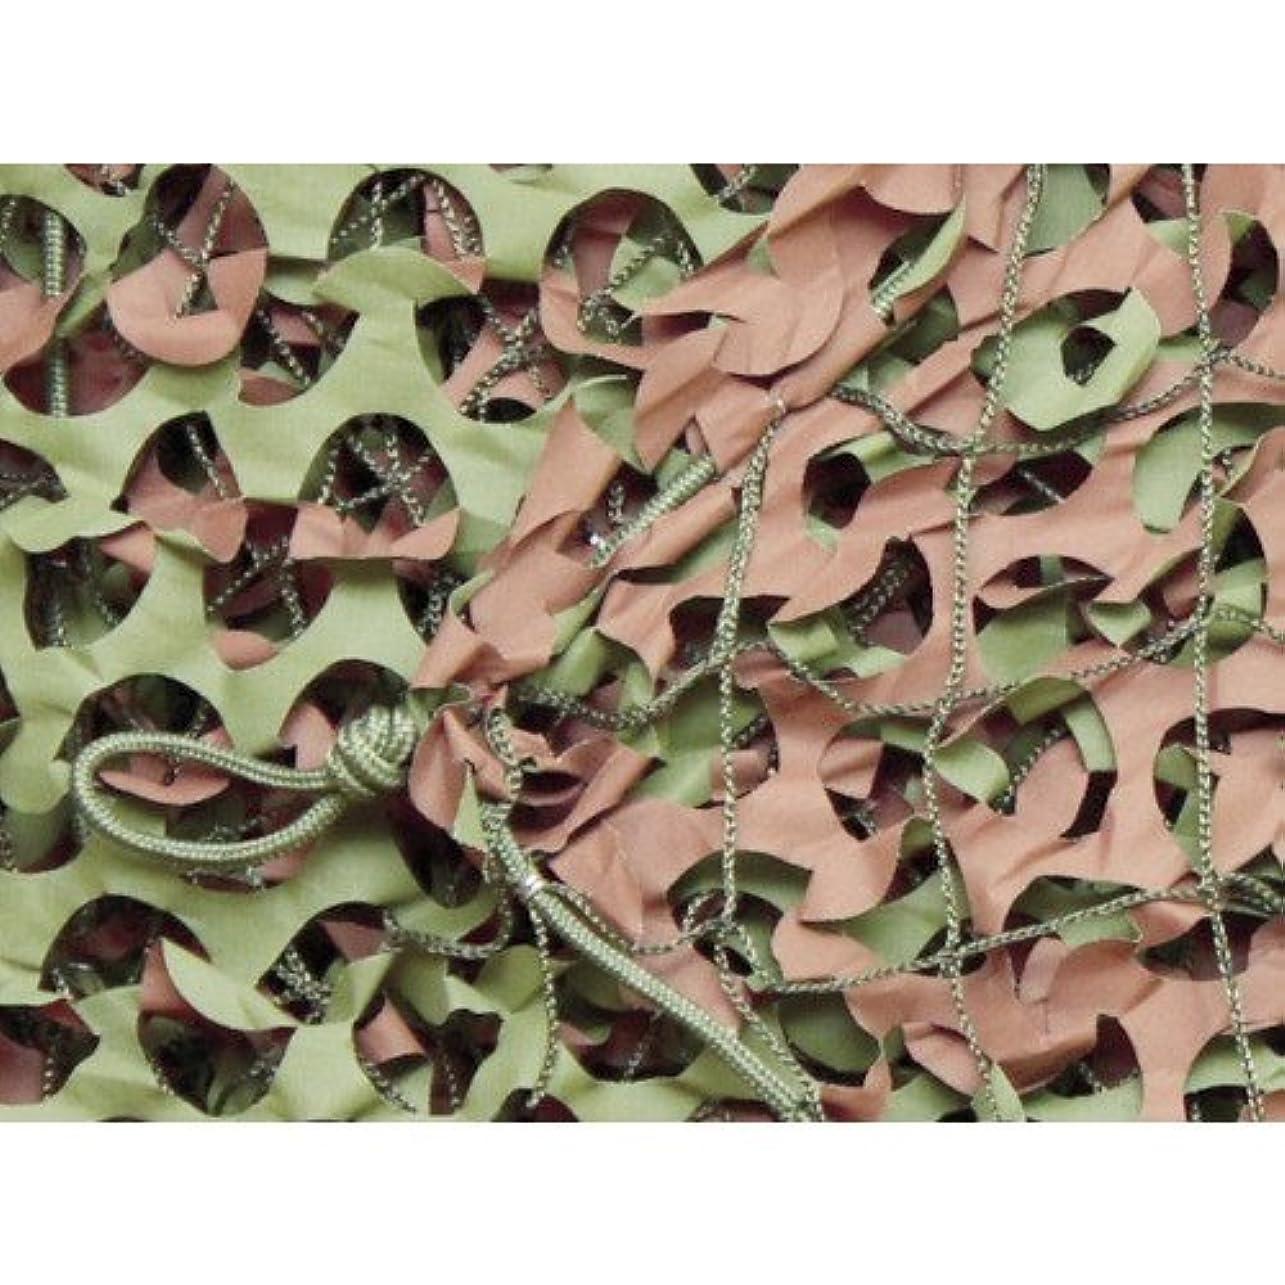 変形エキスパート忠誠トラスコ中山 CAMO ベーシック レギュラーXミリタリー グリーン&ブラウン 1.8mX6m WM13